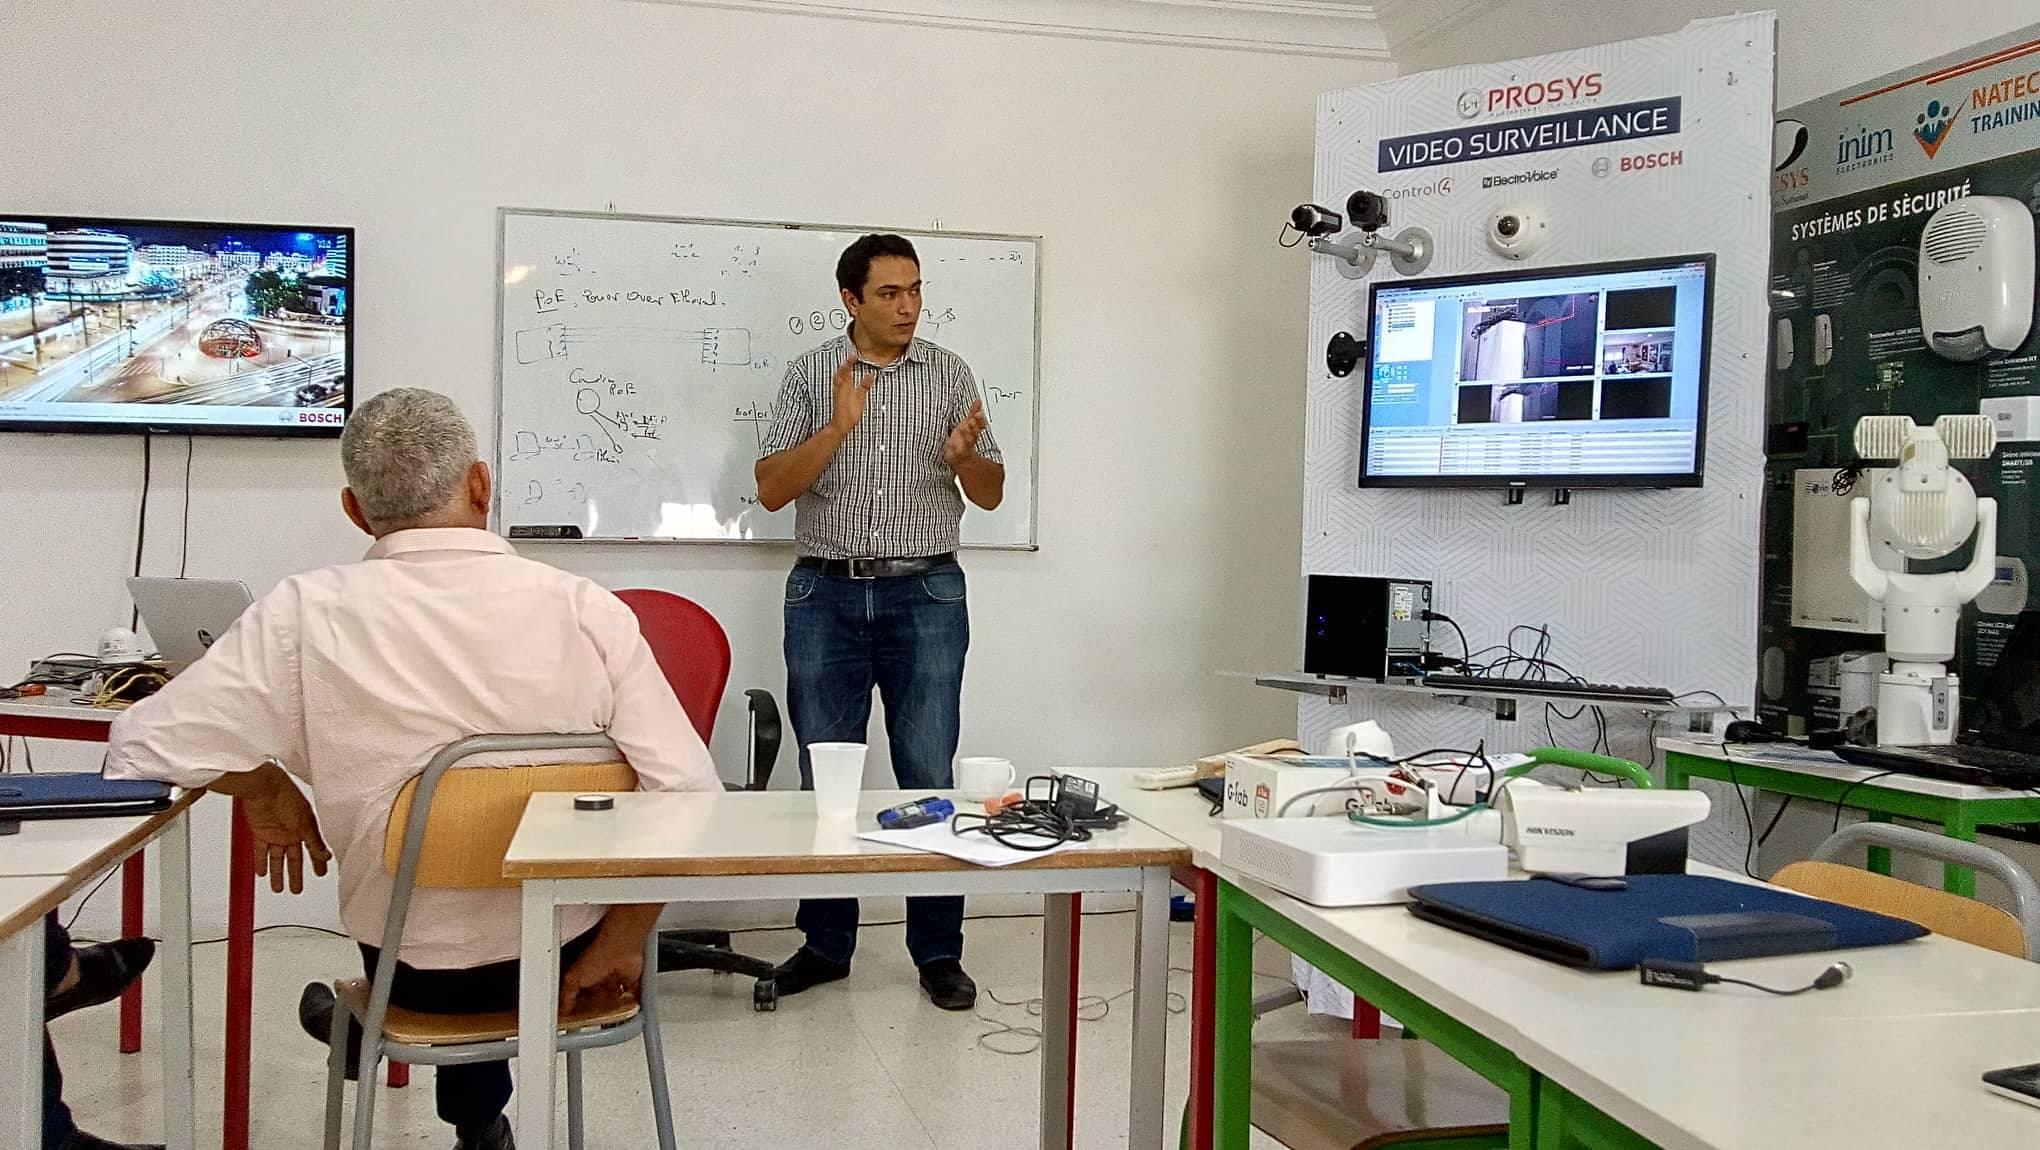 sécurité électronique (3),formation système d'alarme, vidéosurveillance, incendie,